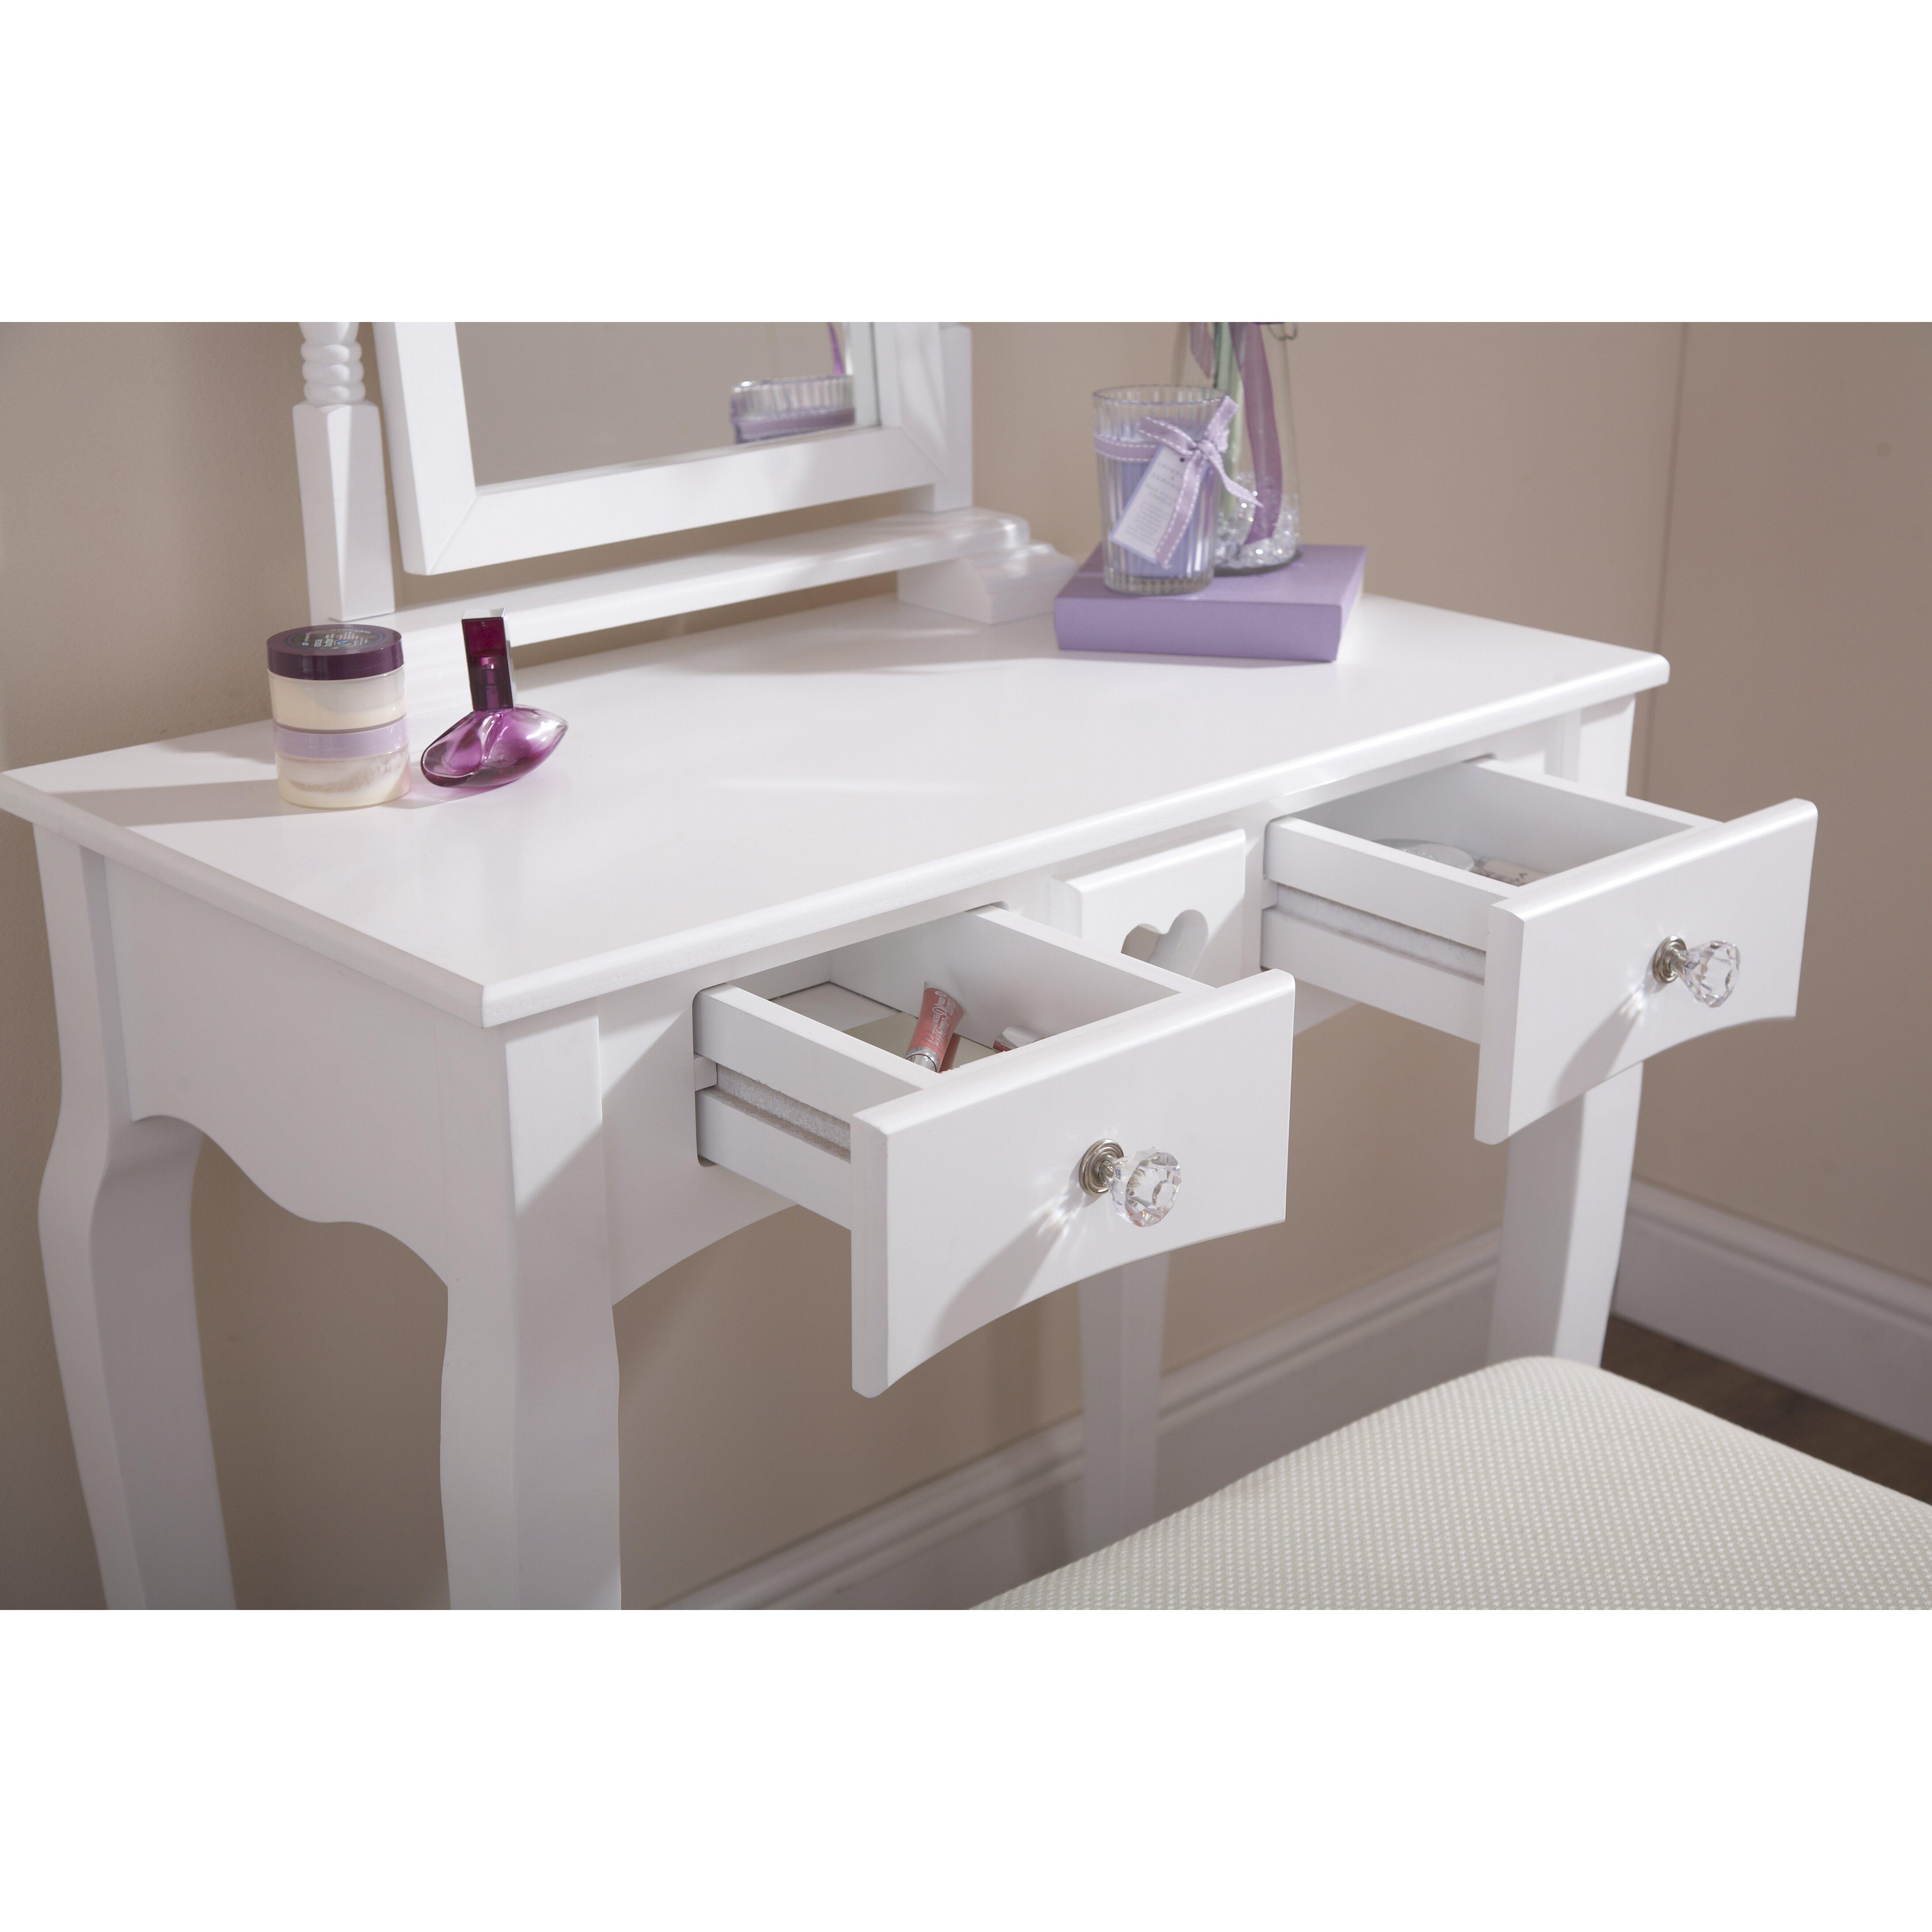 hazelwood home schminktisch set mit spiegel bewertungen. Black Bedroom Furniture Sets. Home Design Ideas